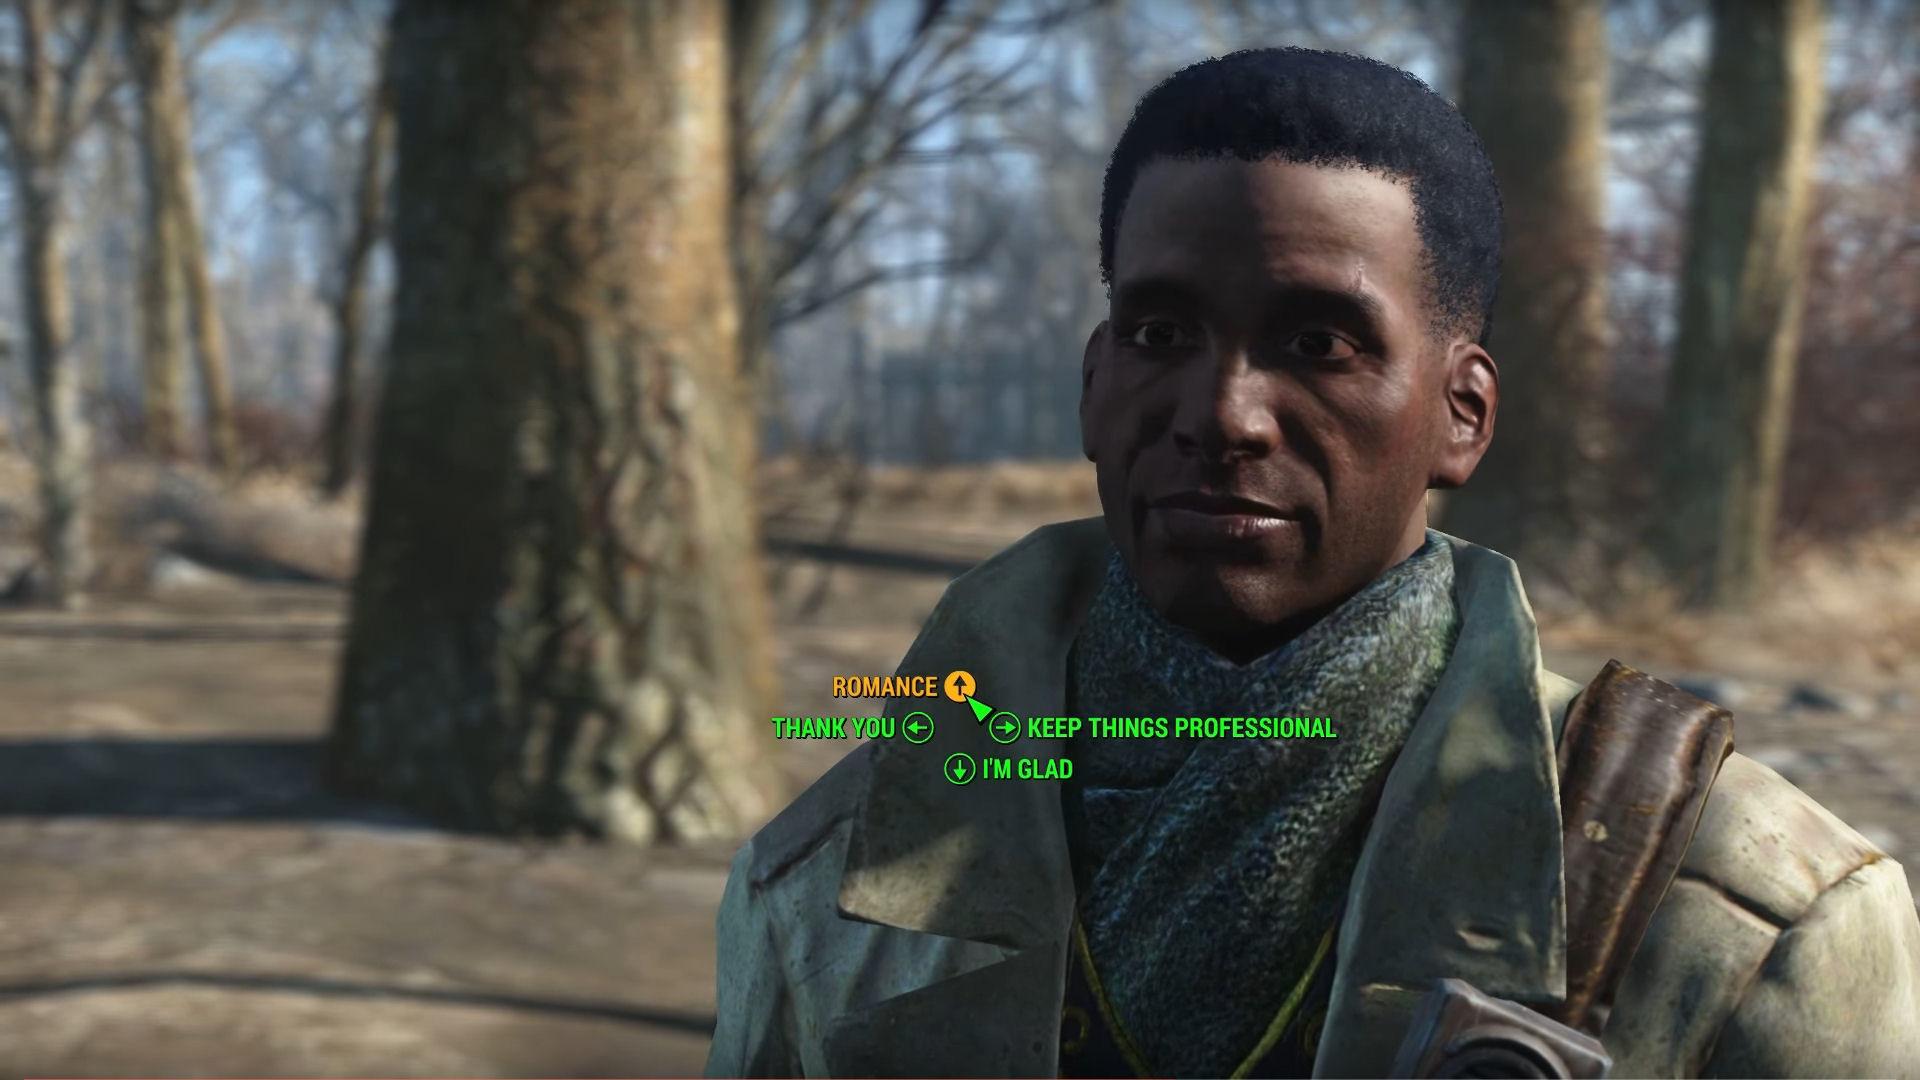 Fallout 4 Preston Garvey Romance